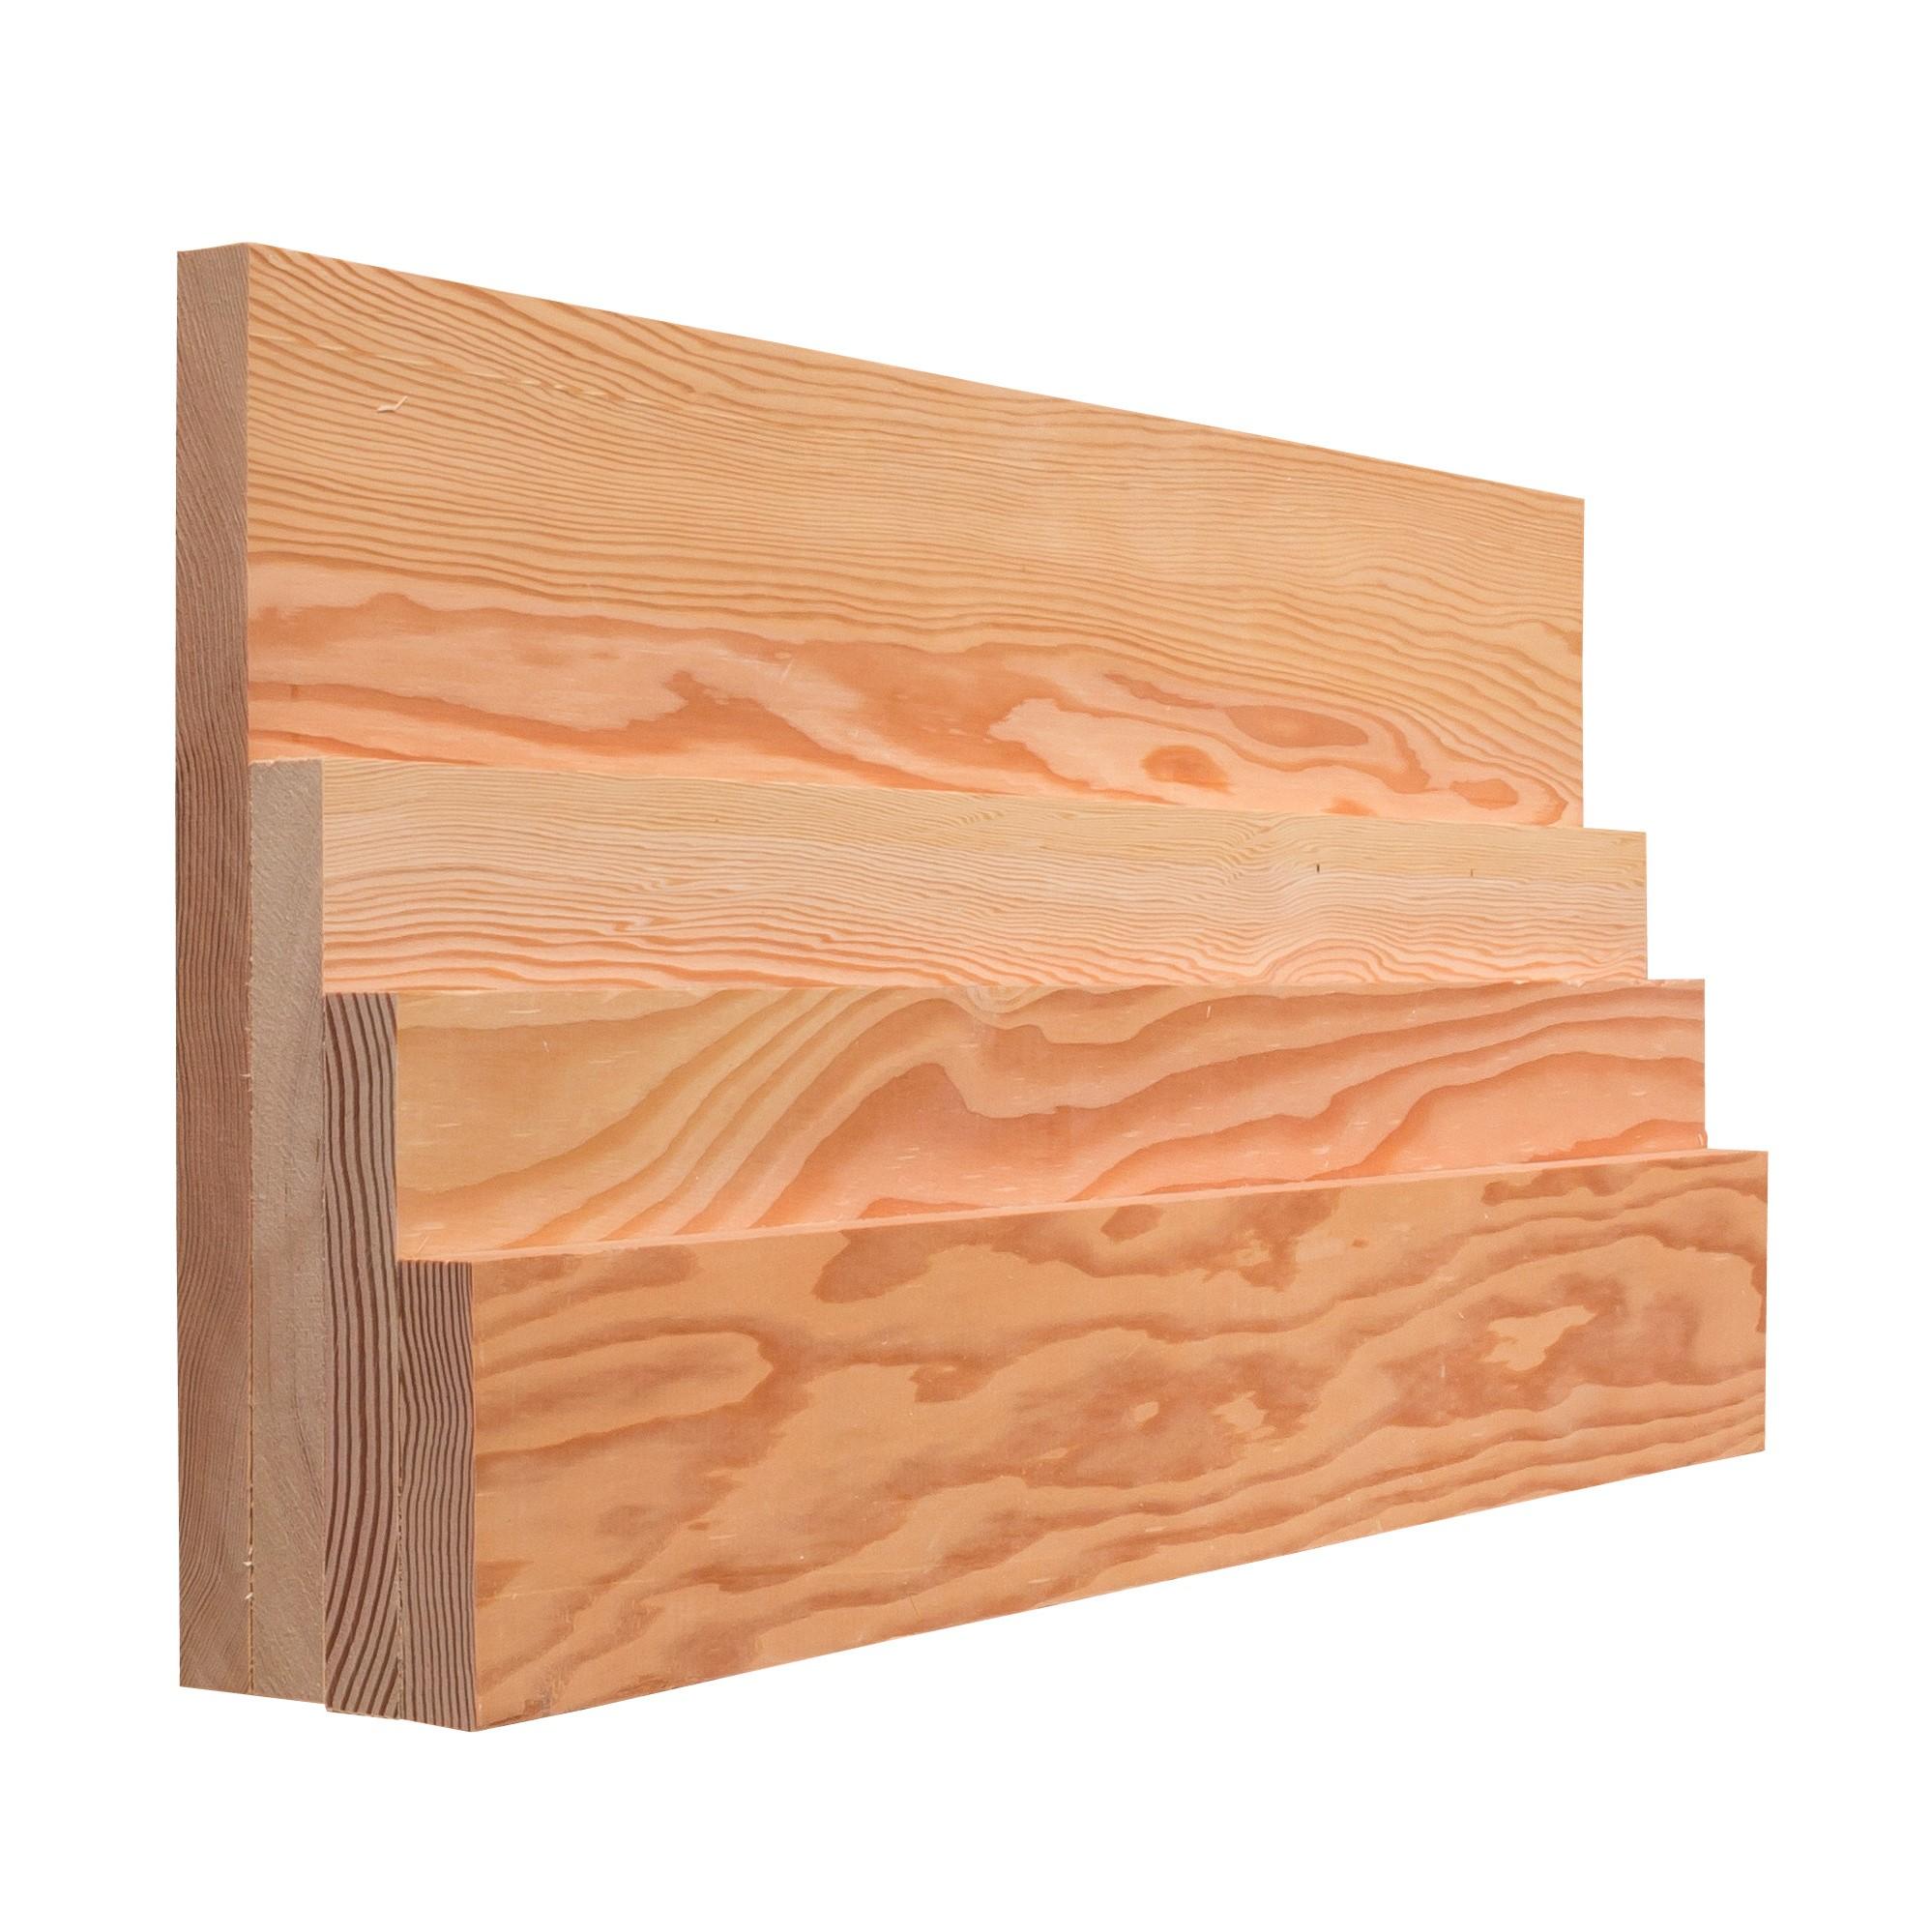 Mixed Grain Fir Lumber, S4S